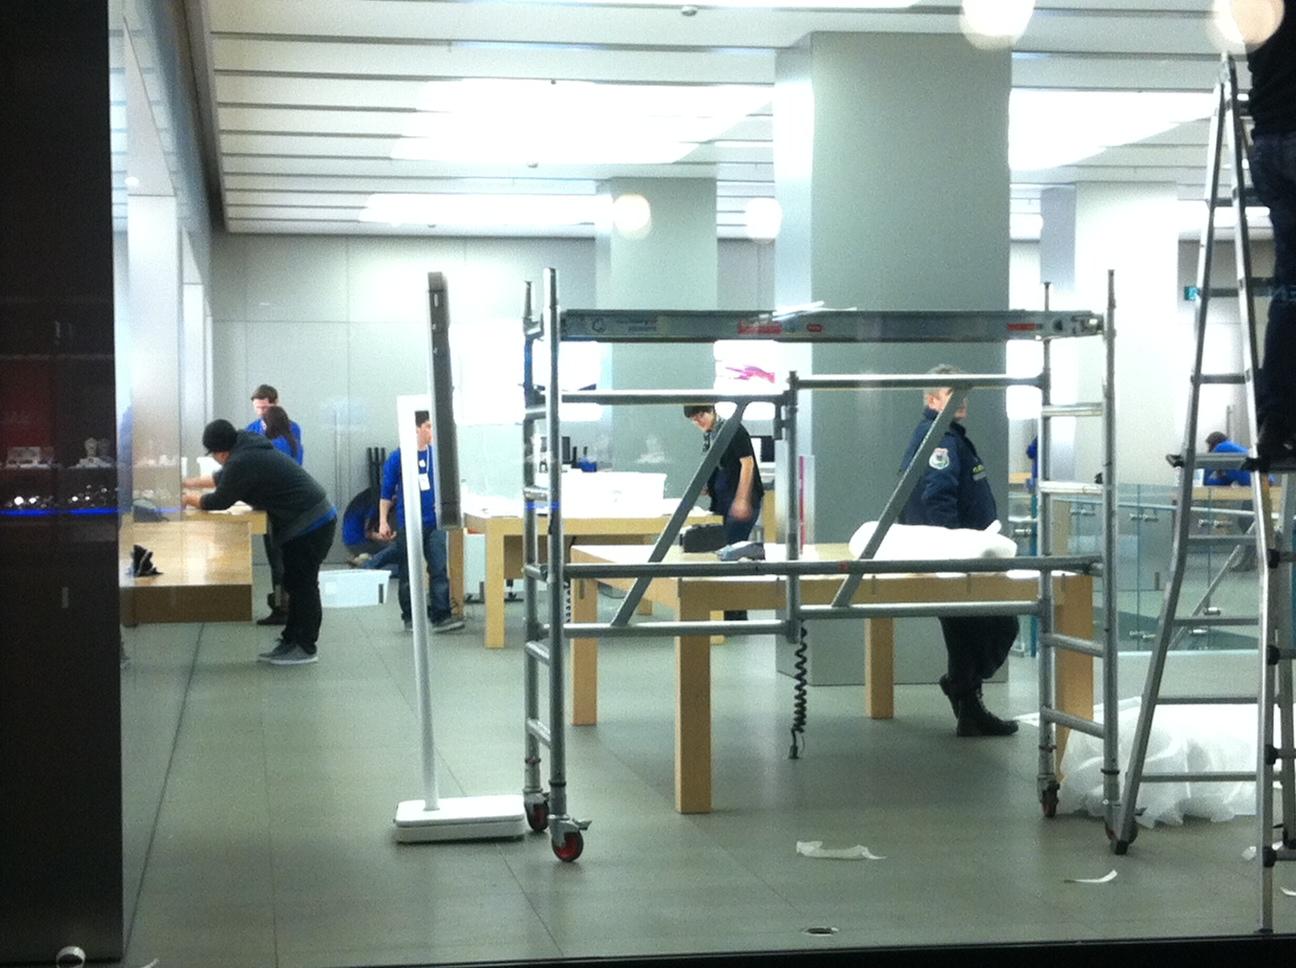 Umbau im Apple Store an der Bahnhofstrasse in Zürich